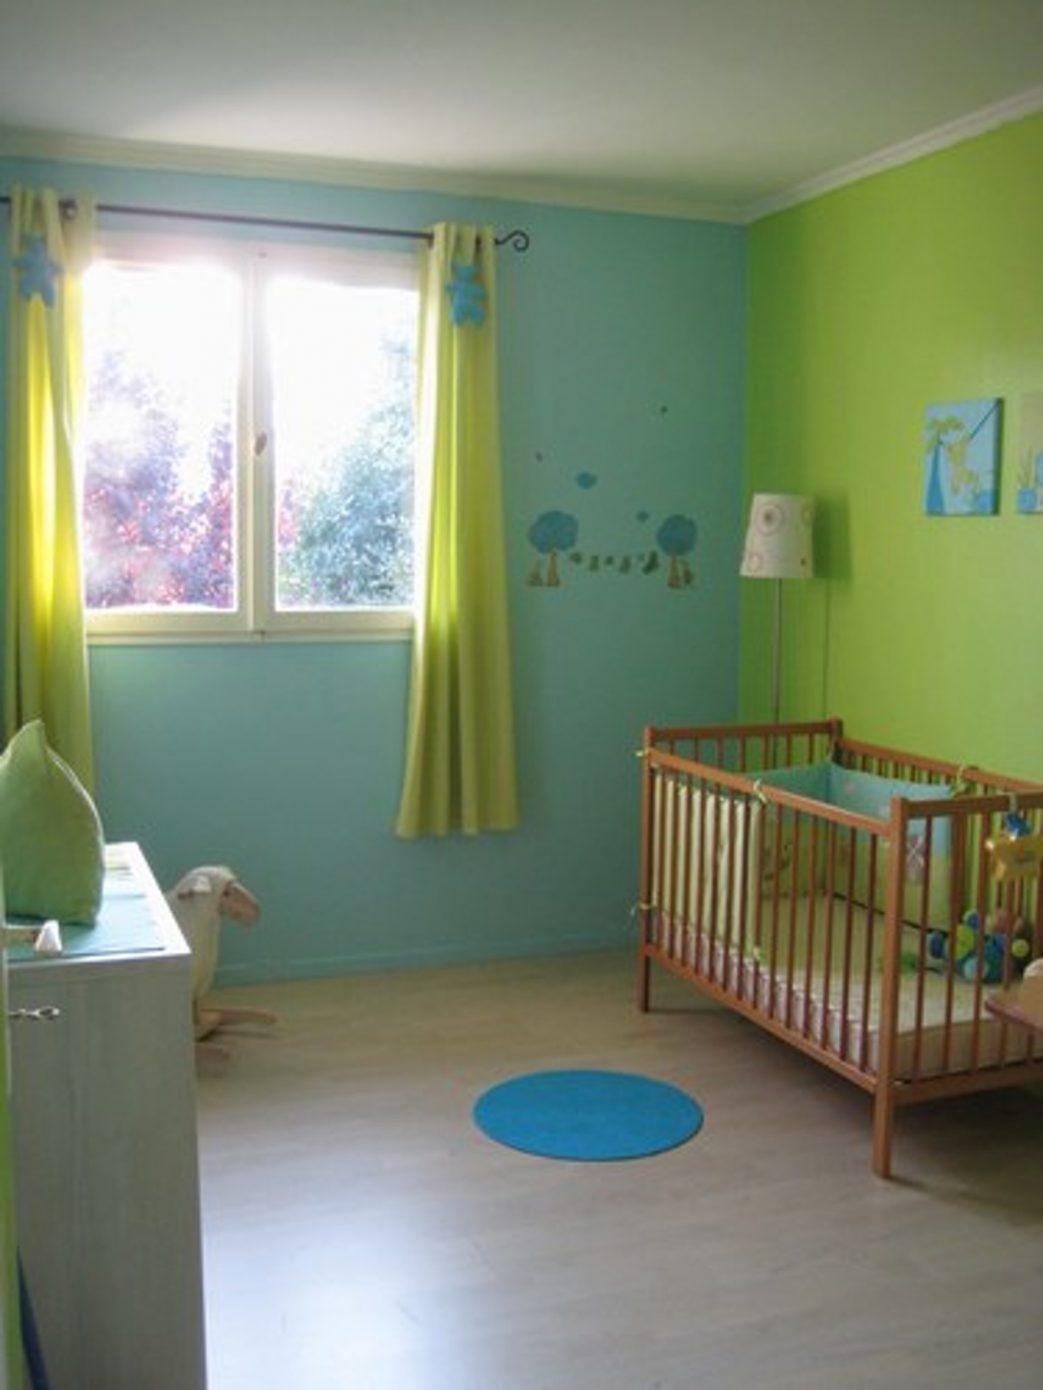 Idée couleur peinture chambre bébé garçon - Idées de tricot gratuit